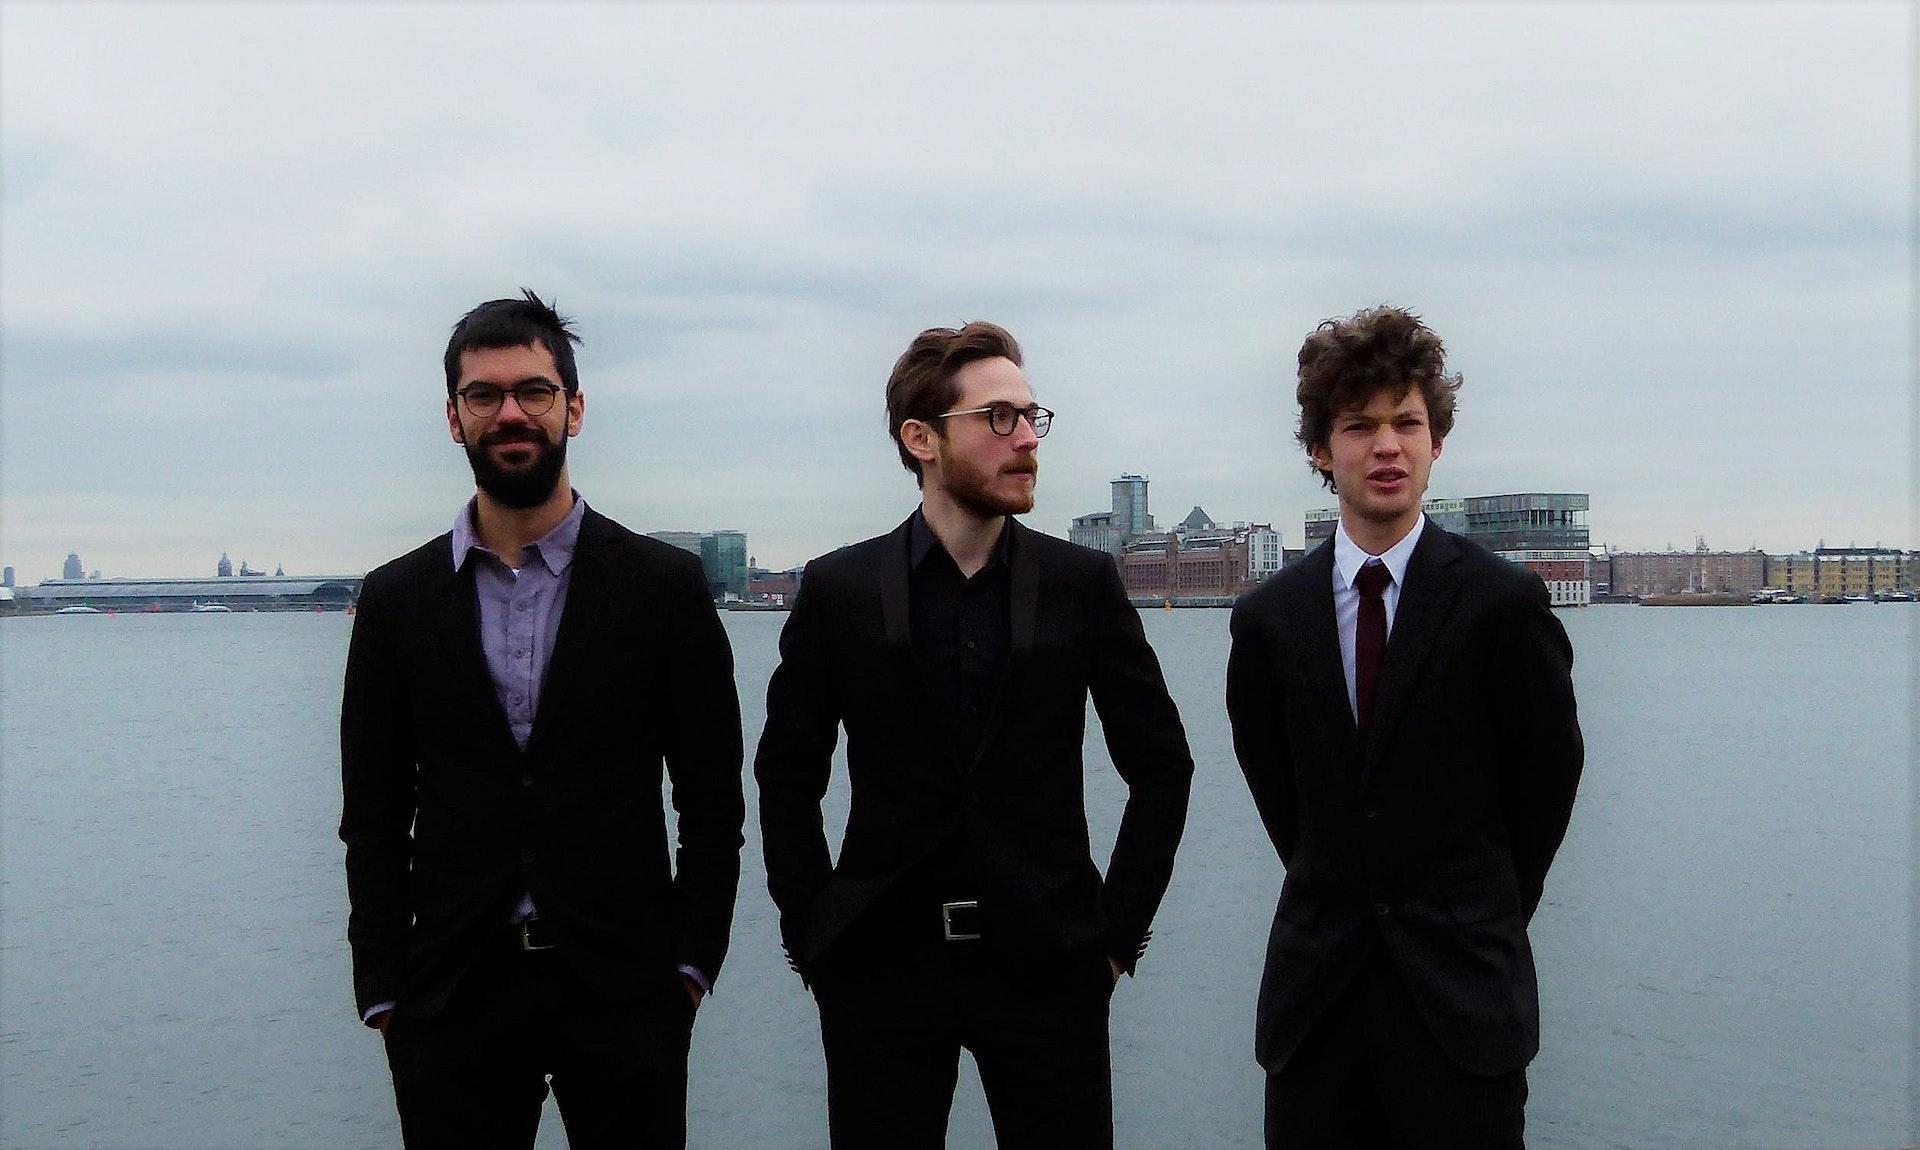 Thiébault / Ferreira / van Elderen Trio